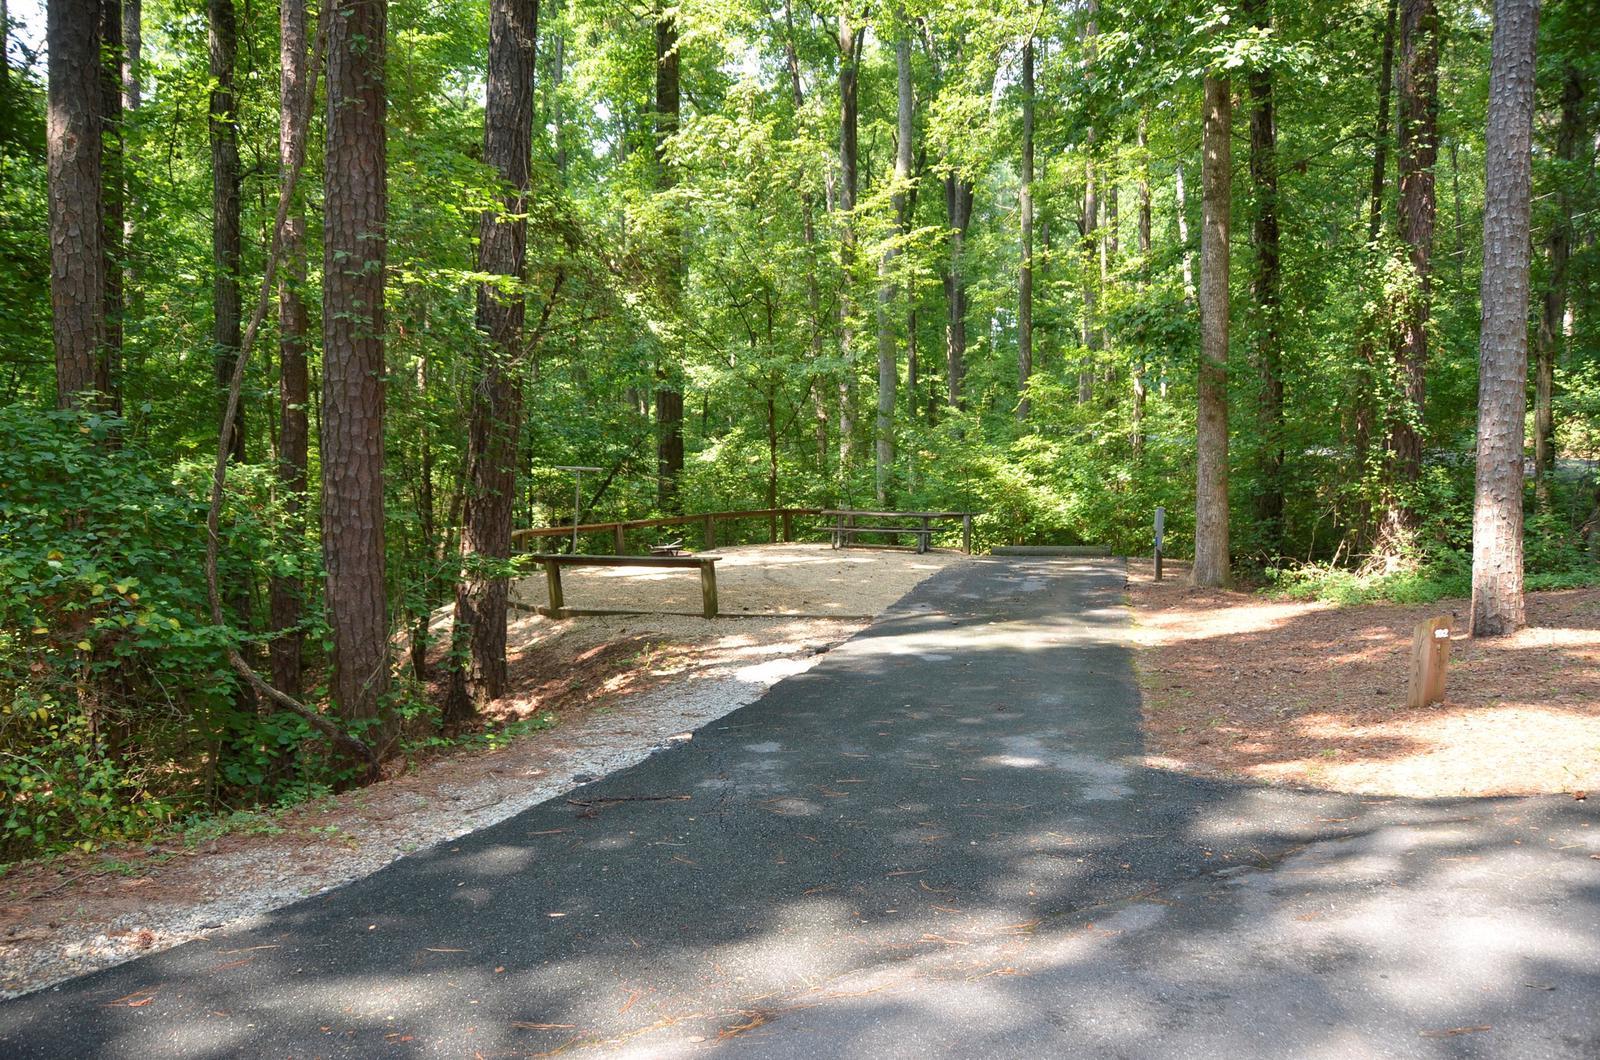 McKinney Campground Site 102